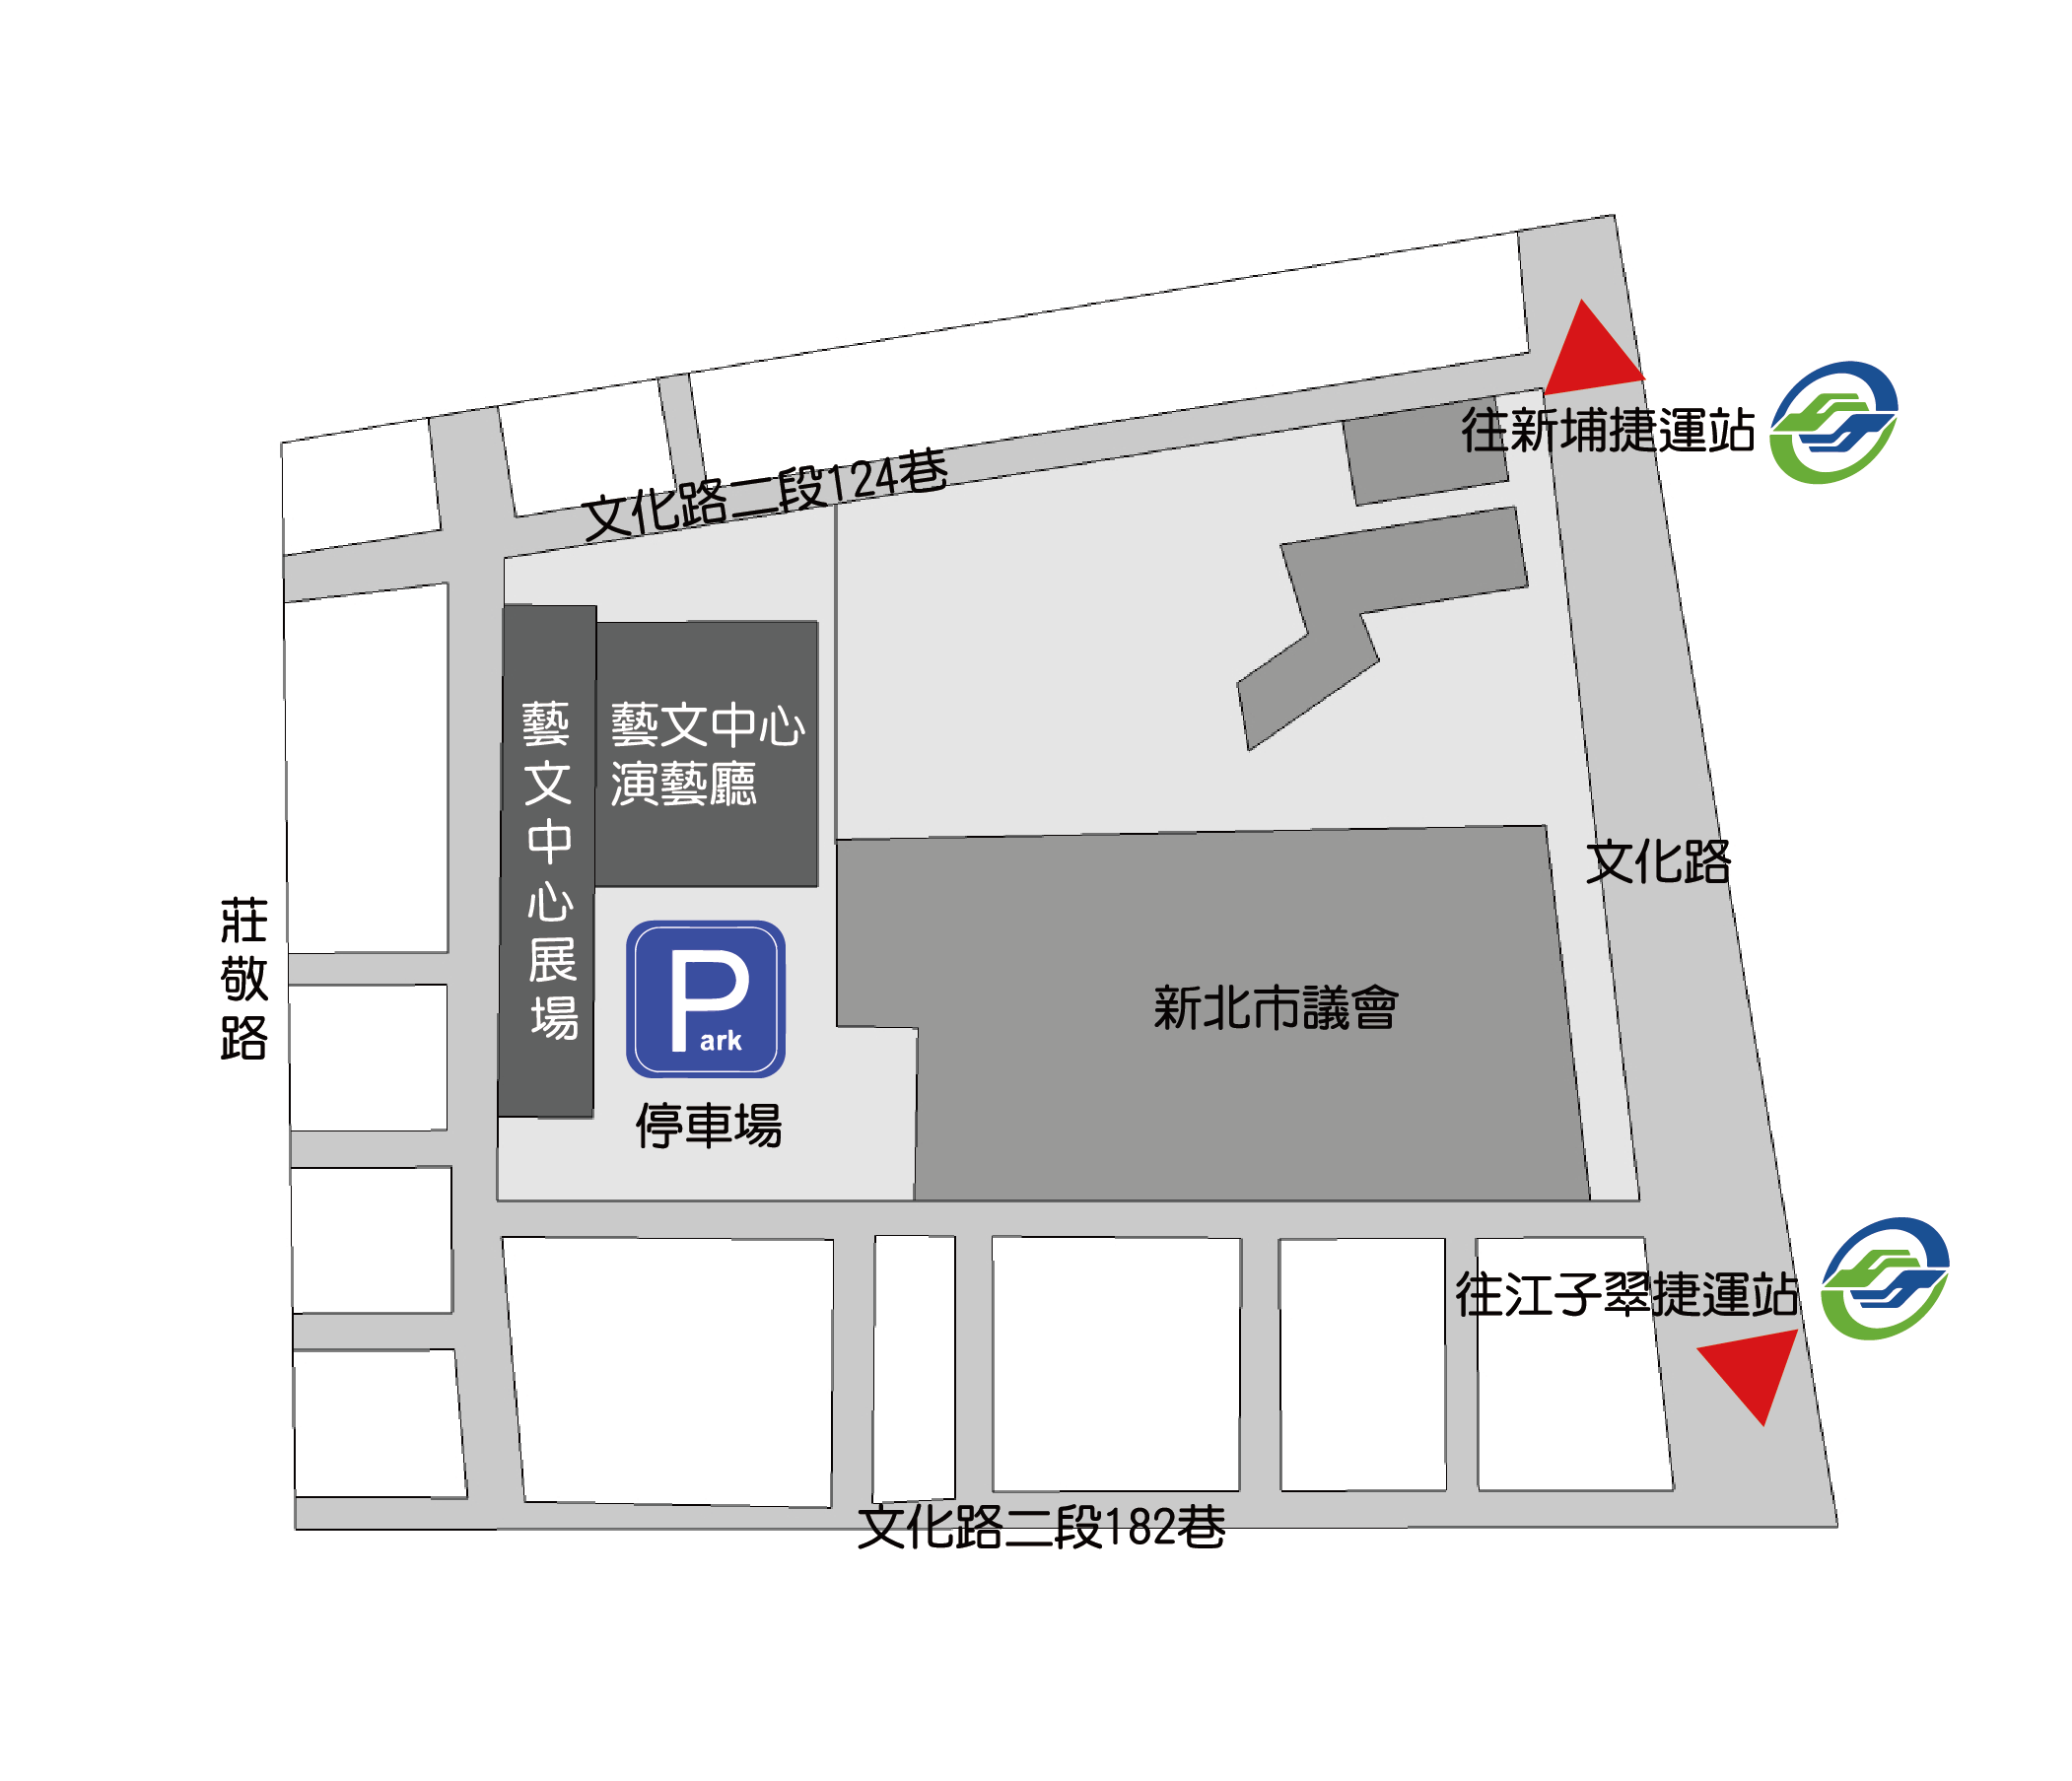 新北市藝文中心位置平面圖